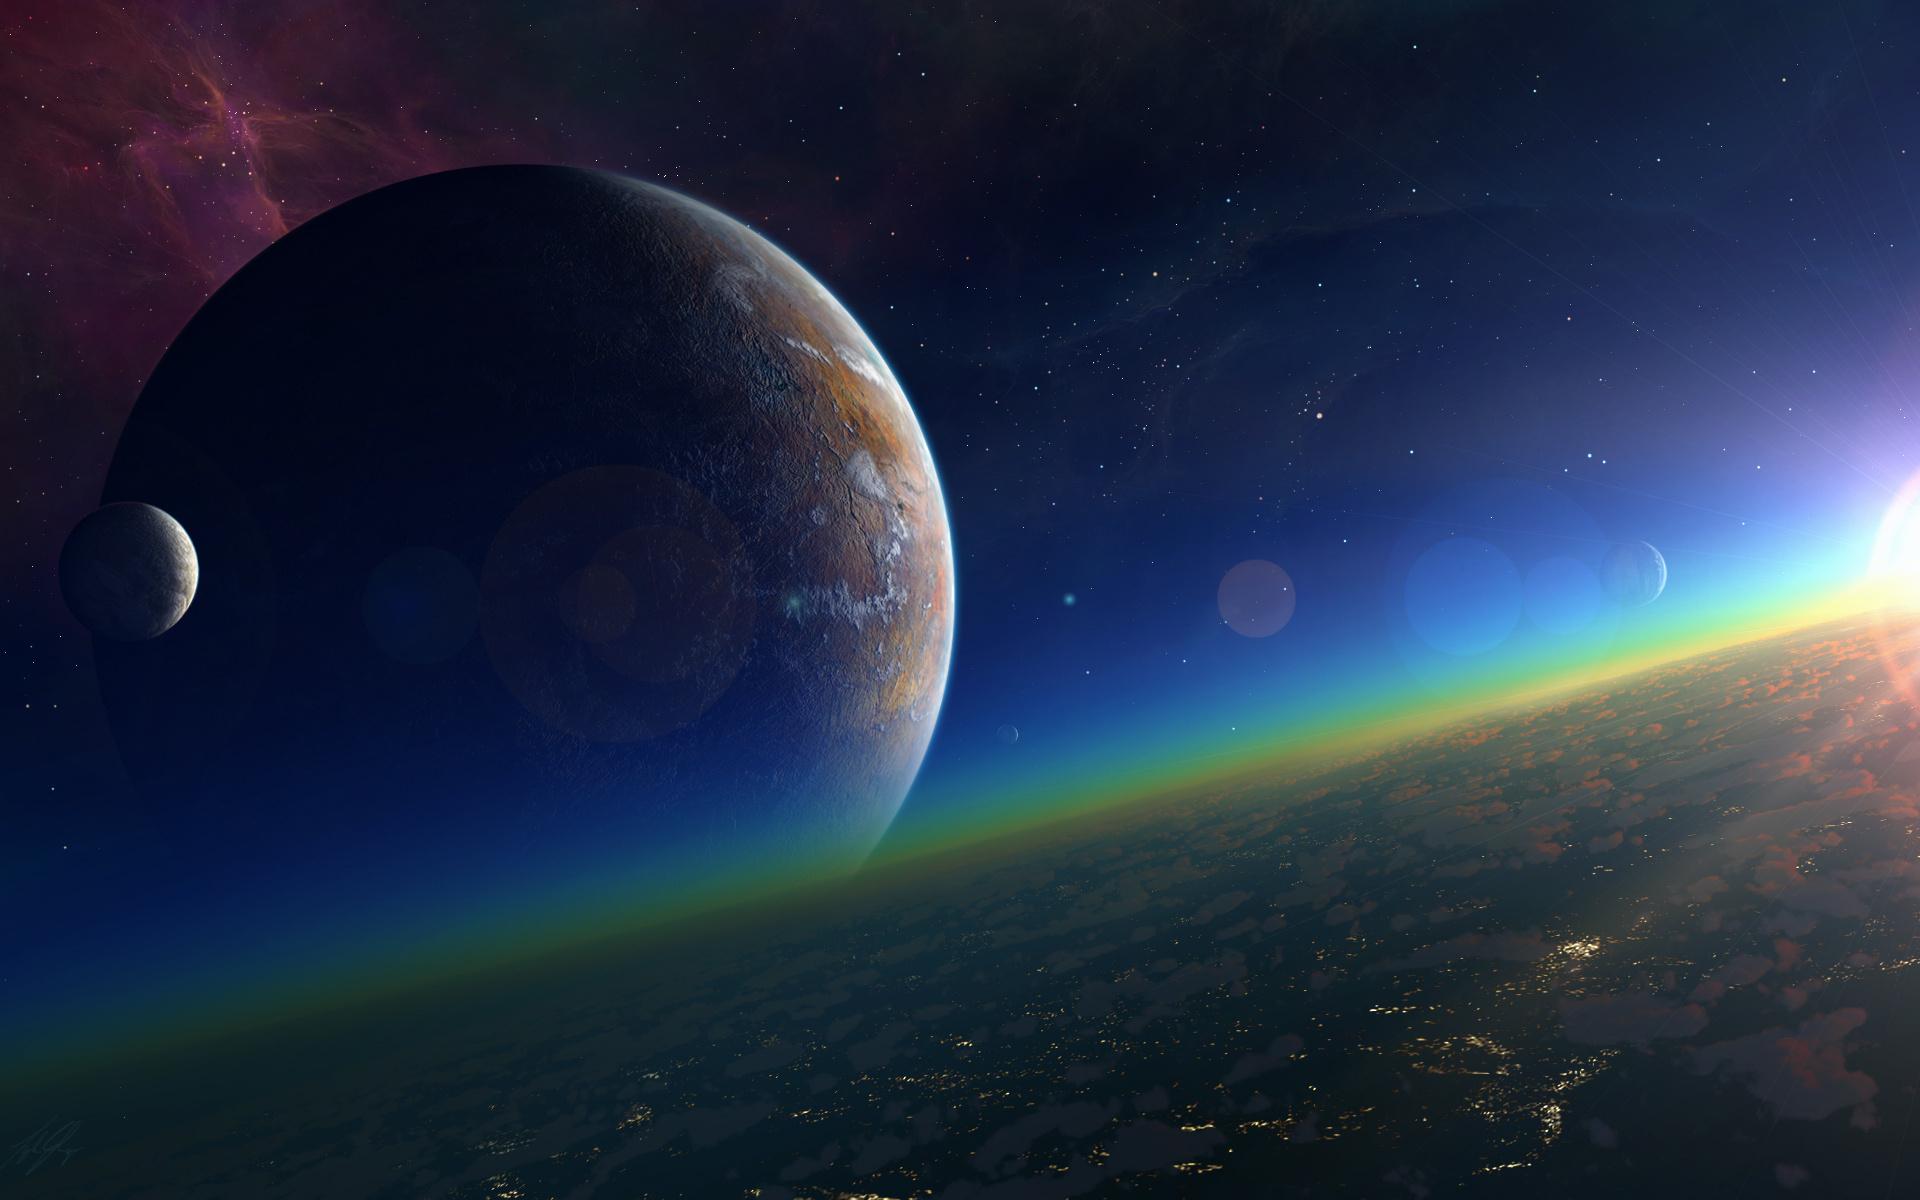 Картинки космоса и планет презентации часть